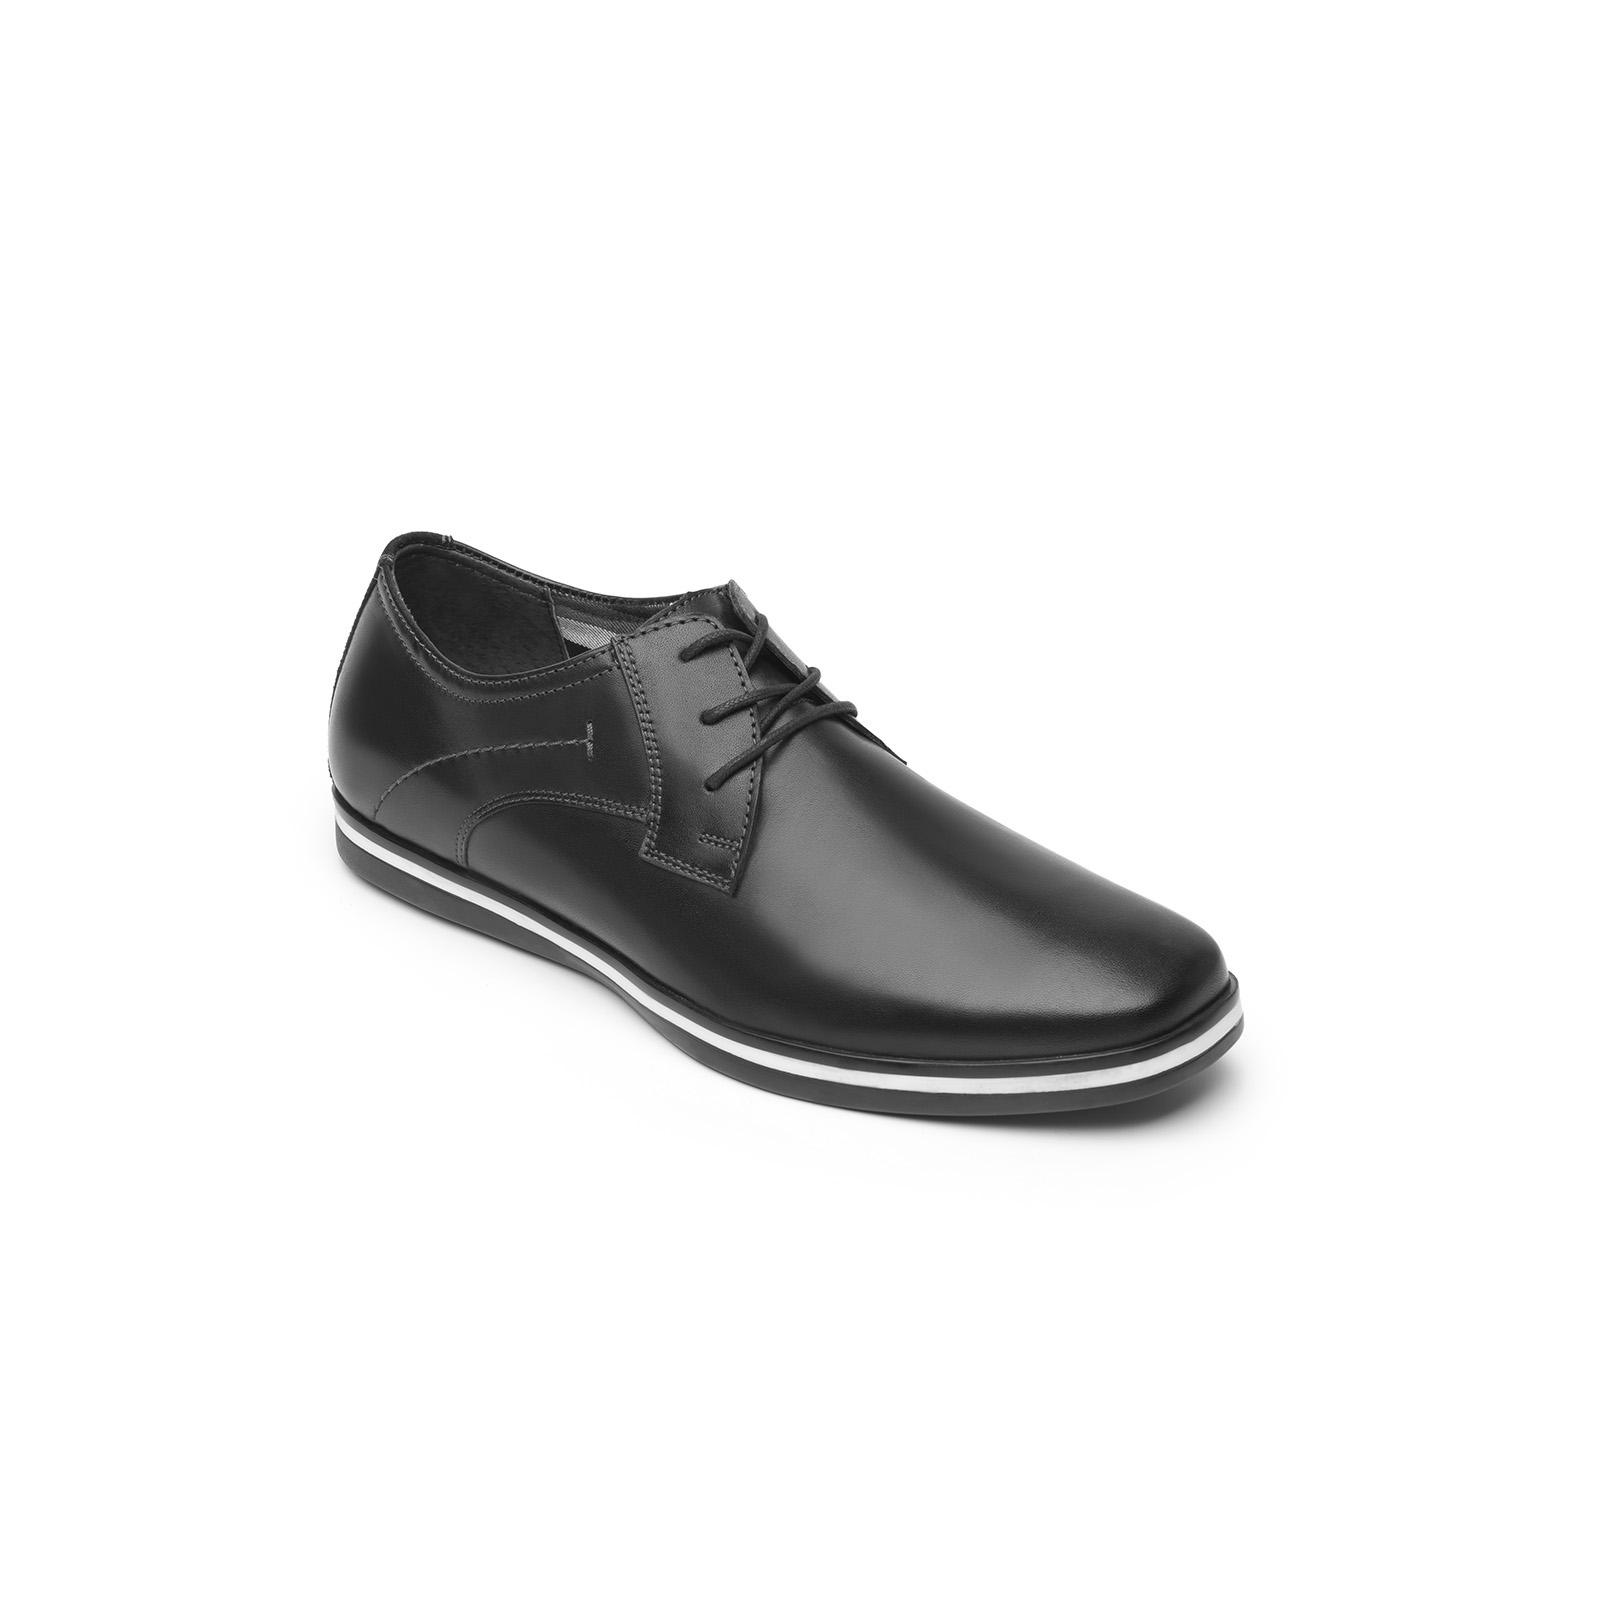 41e951919a Zapatos para caballero - Zapaterías Flexi México